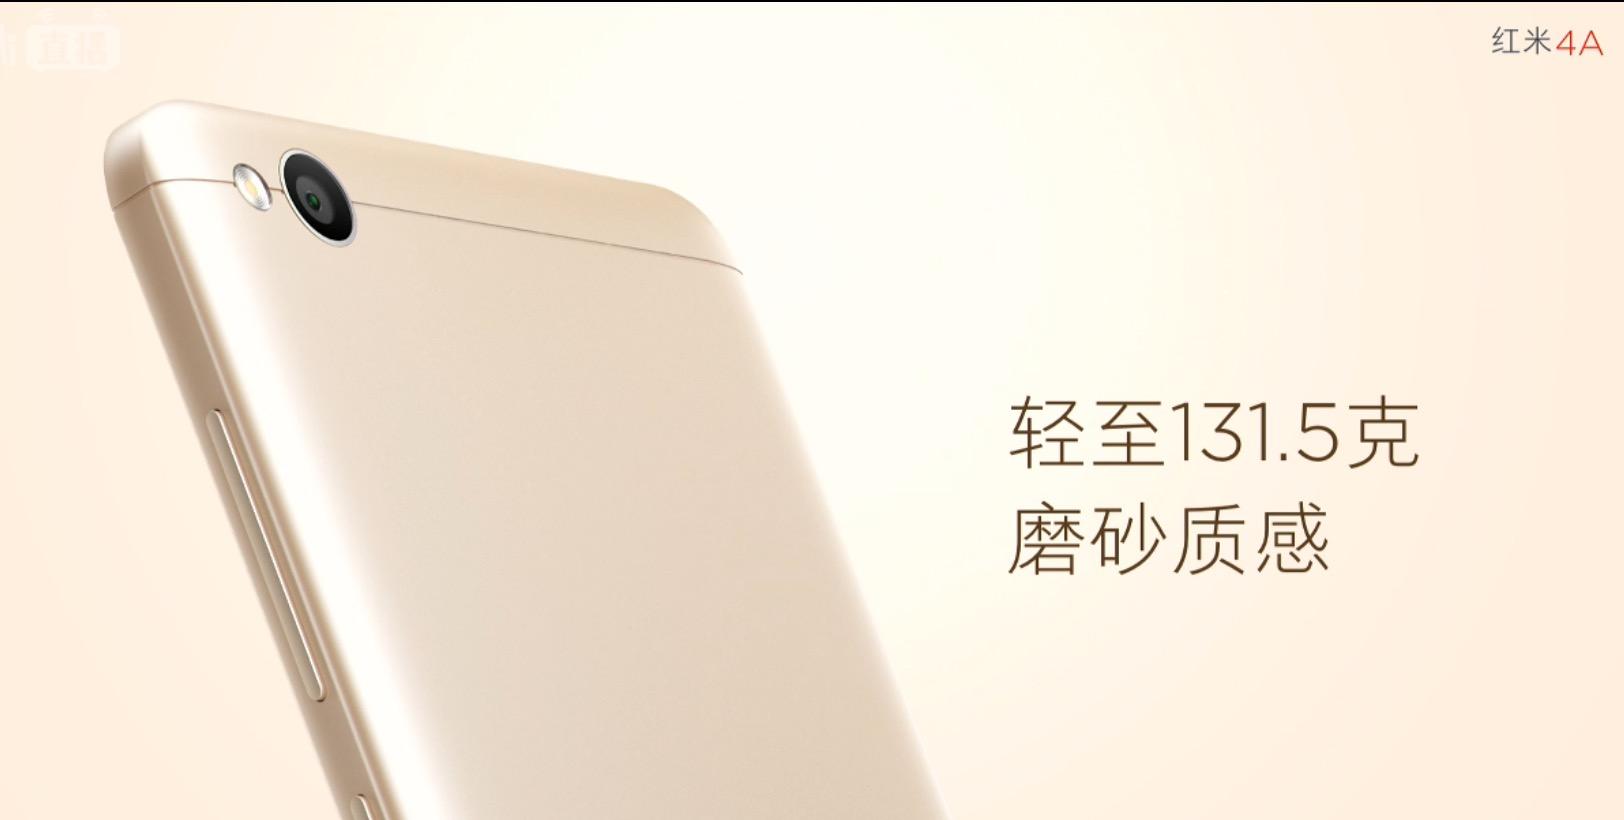 整死山寨手机?新品发布会又掩藏招式,低价的红米4A震撼人心袭来!